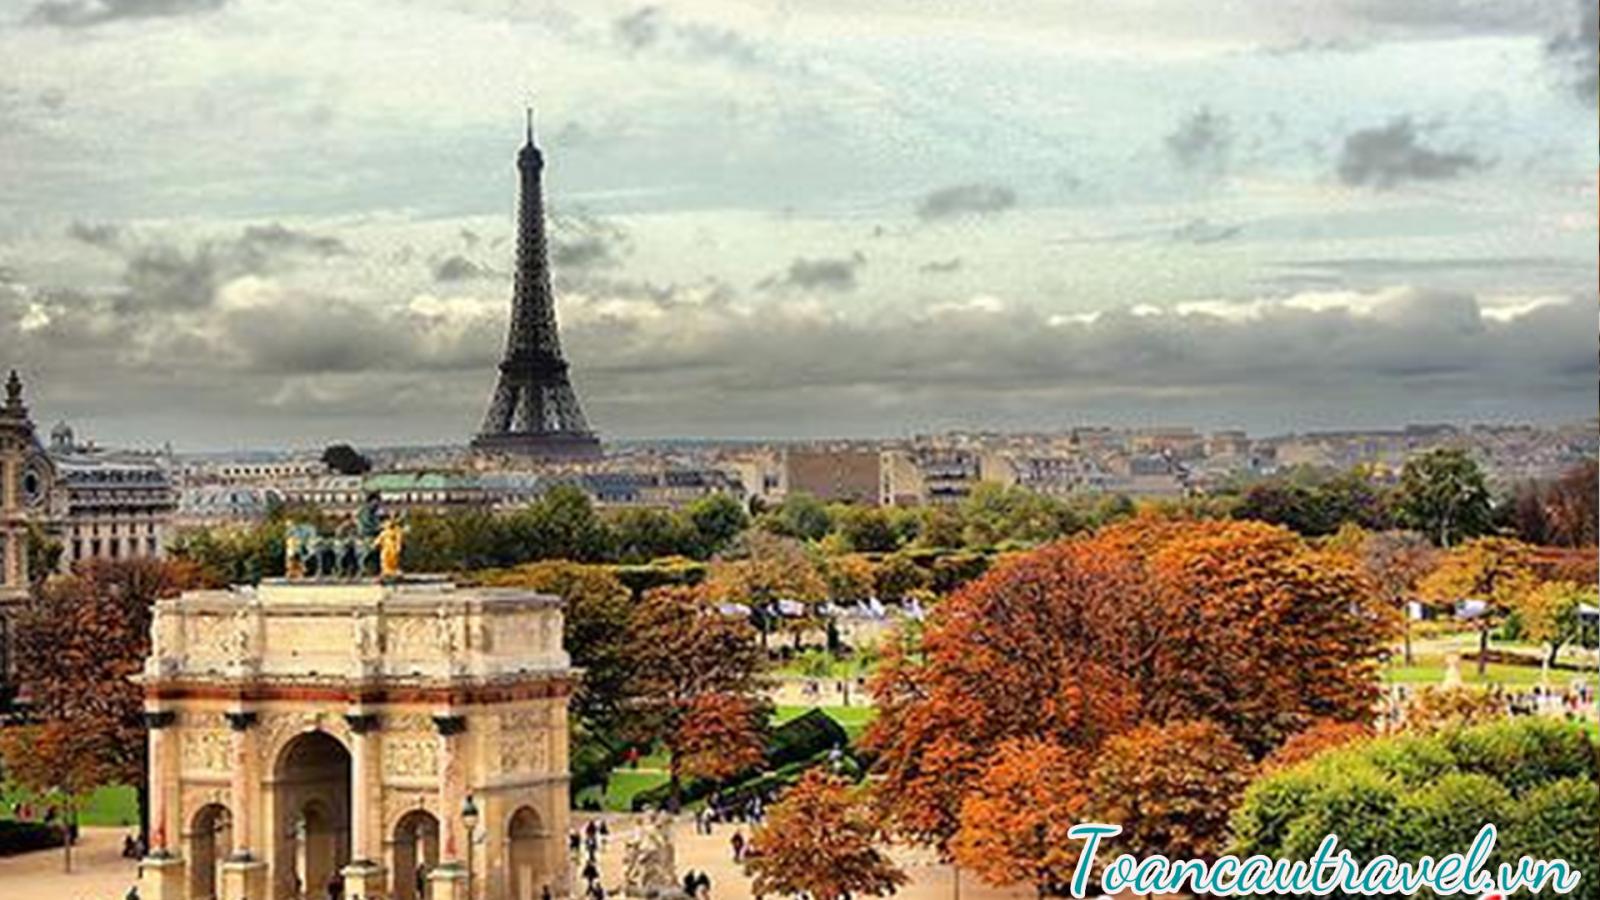 """Paris còn nổi tiếng là """" kinh đô ánh sáng"""" hay """" kinh đô thời trang"""" với nhiều trung tâm thương mại lớn và sự phát triển đa dạng về các lĩnh vực tài chính, kinh tế, chính trị, du lịch...."""